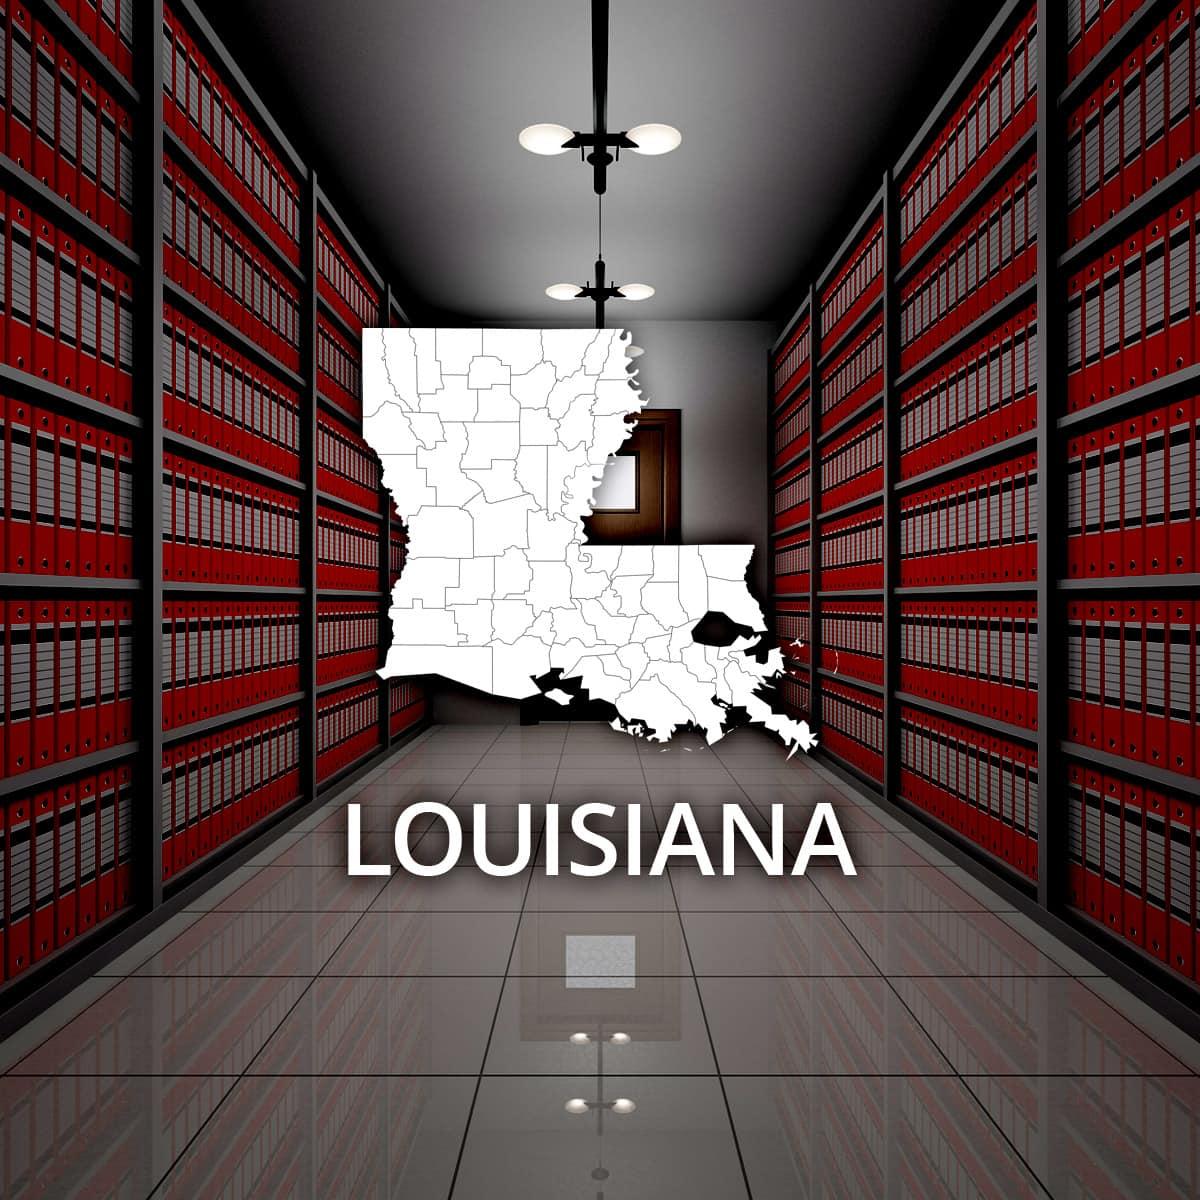 Louisiana Public Records